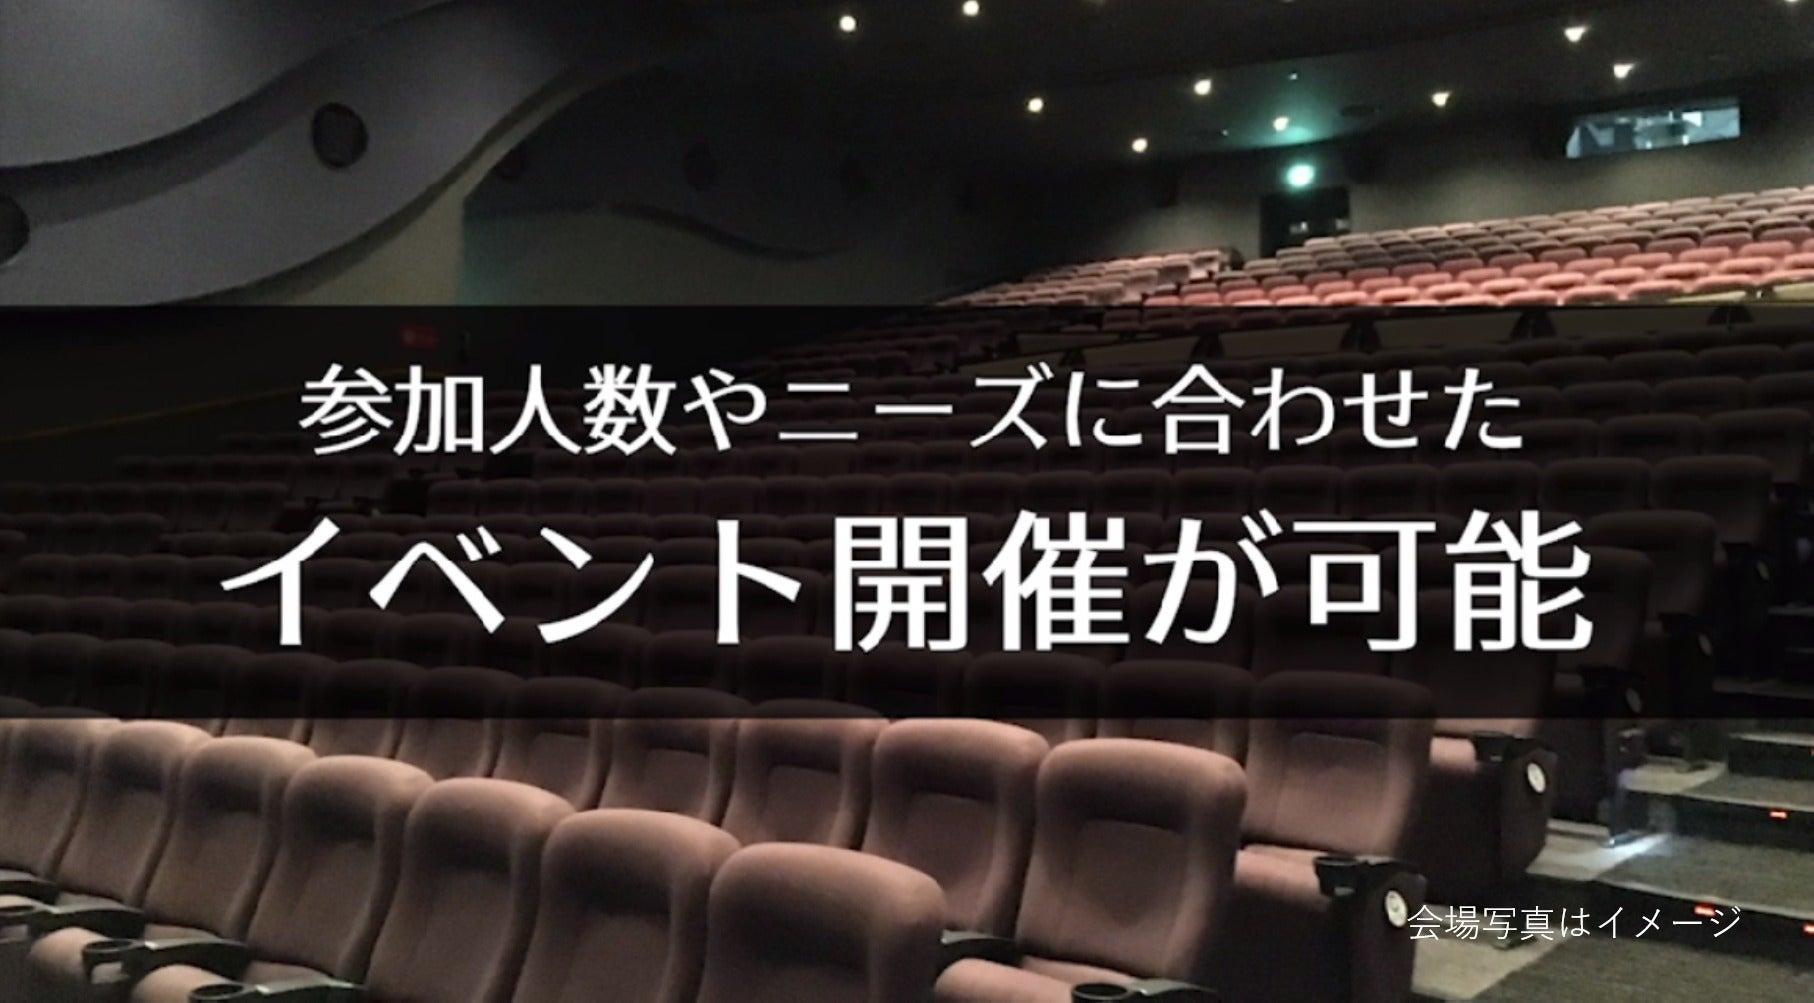 【旭川 104席】映画館で、会社説明会、株主総会、講演会の企画はいかがですか?(シネプレックス旭川) の写真0